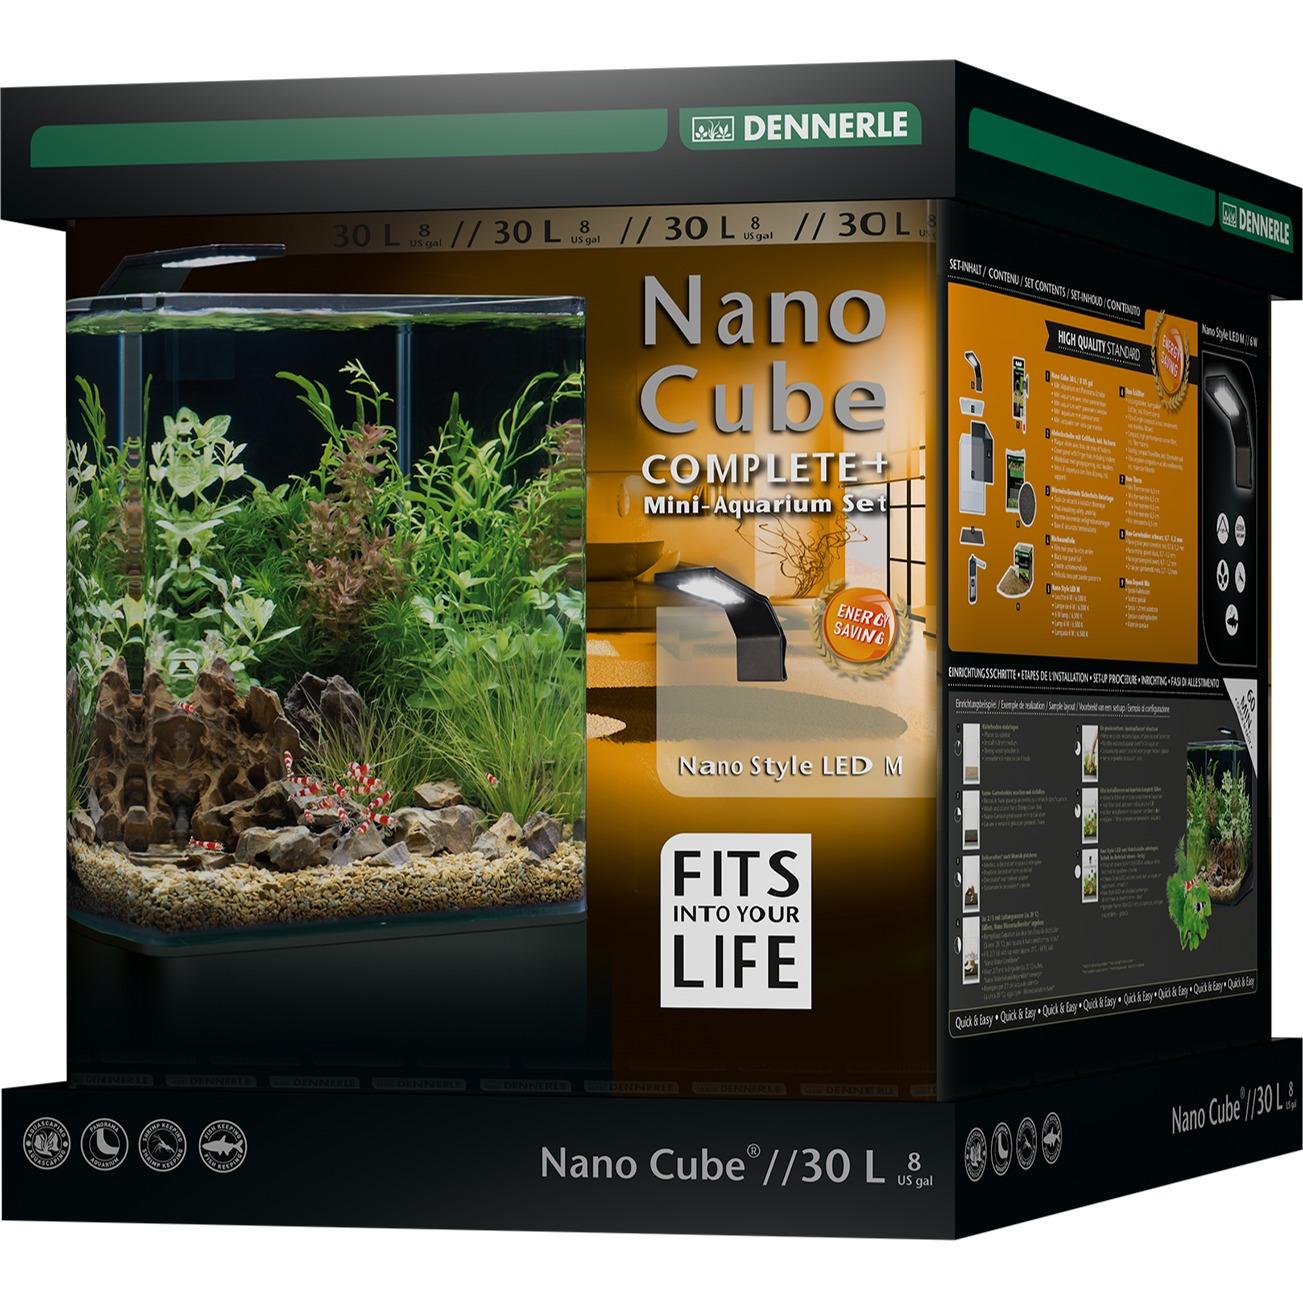 DENNERLE Nano Cube Complete+ 30 L nano-aquarium 30 x 30 x 35 cm avec substrat, gravier, filtration et éclairage Style LED M